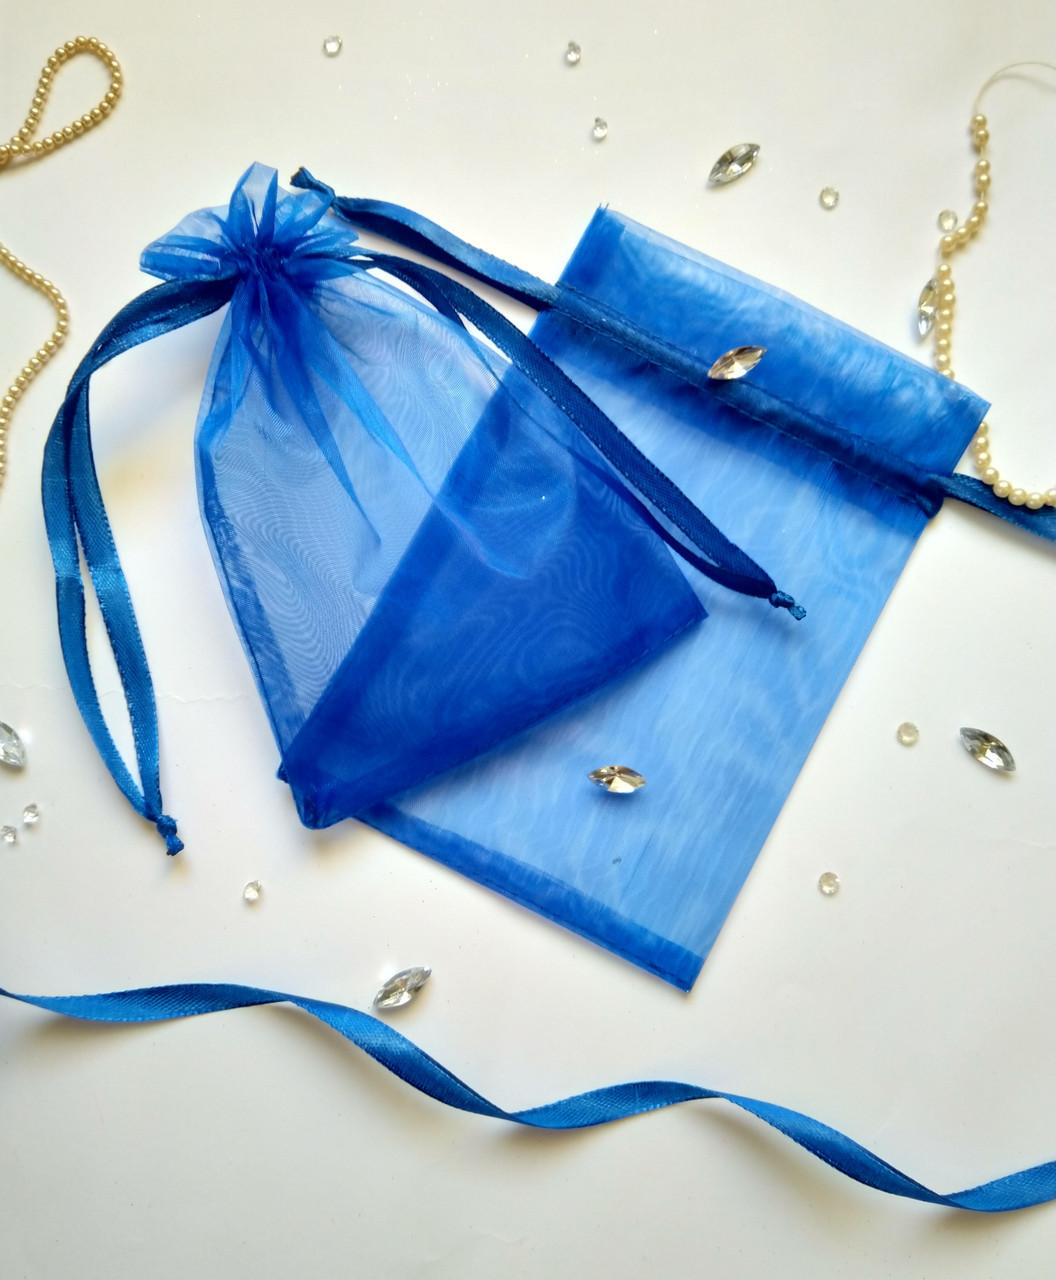 Подарунковий мішечок з органзи 13 х 17 см (Мішечок для упаковки подарунка, упаковка подарунків)